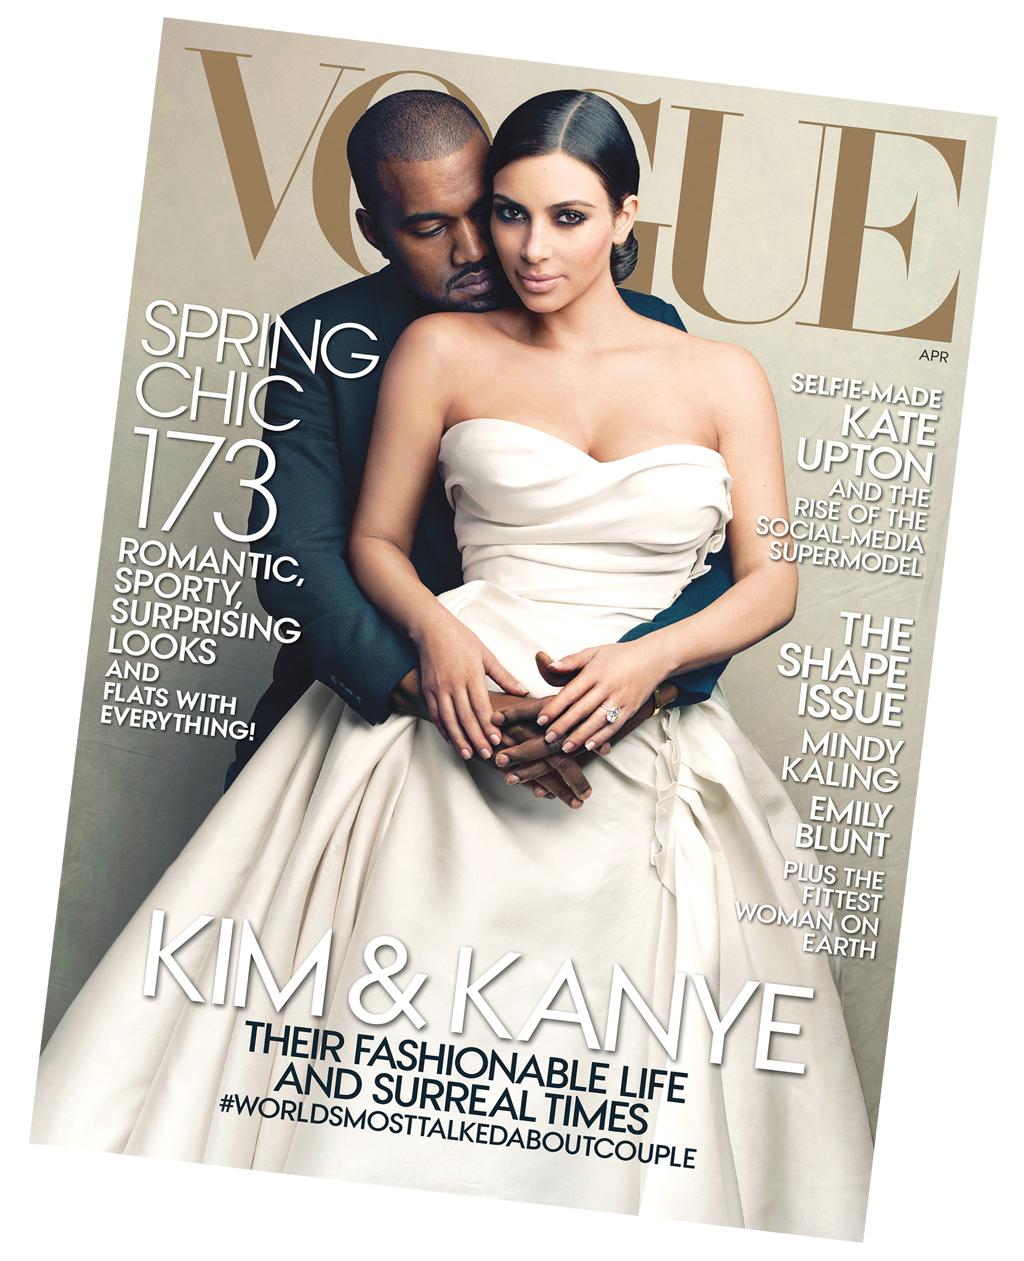 La portada de la controversia para la revista Vogue, al lado de su marido, Kanye West. Foto: AP